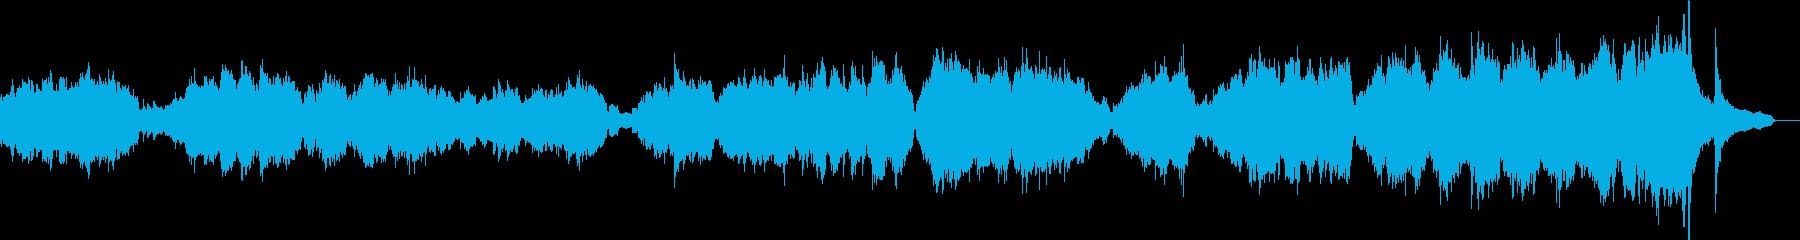 ショパン エチュード Op25 No12の再生済みの波形